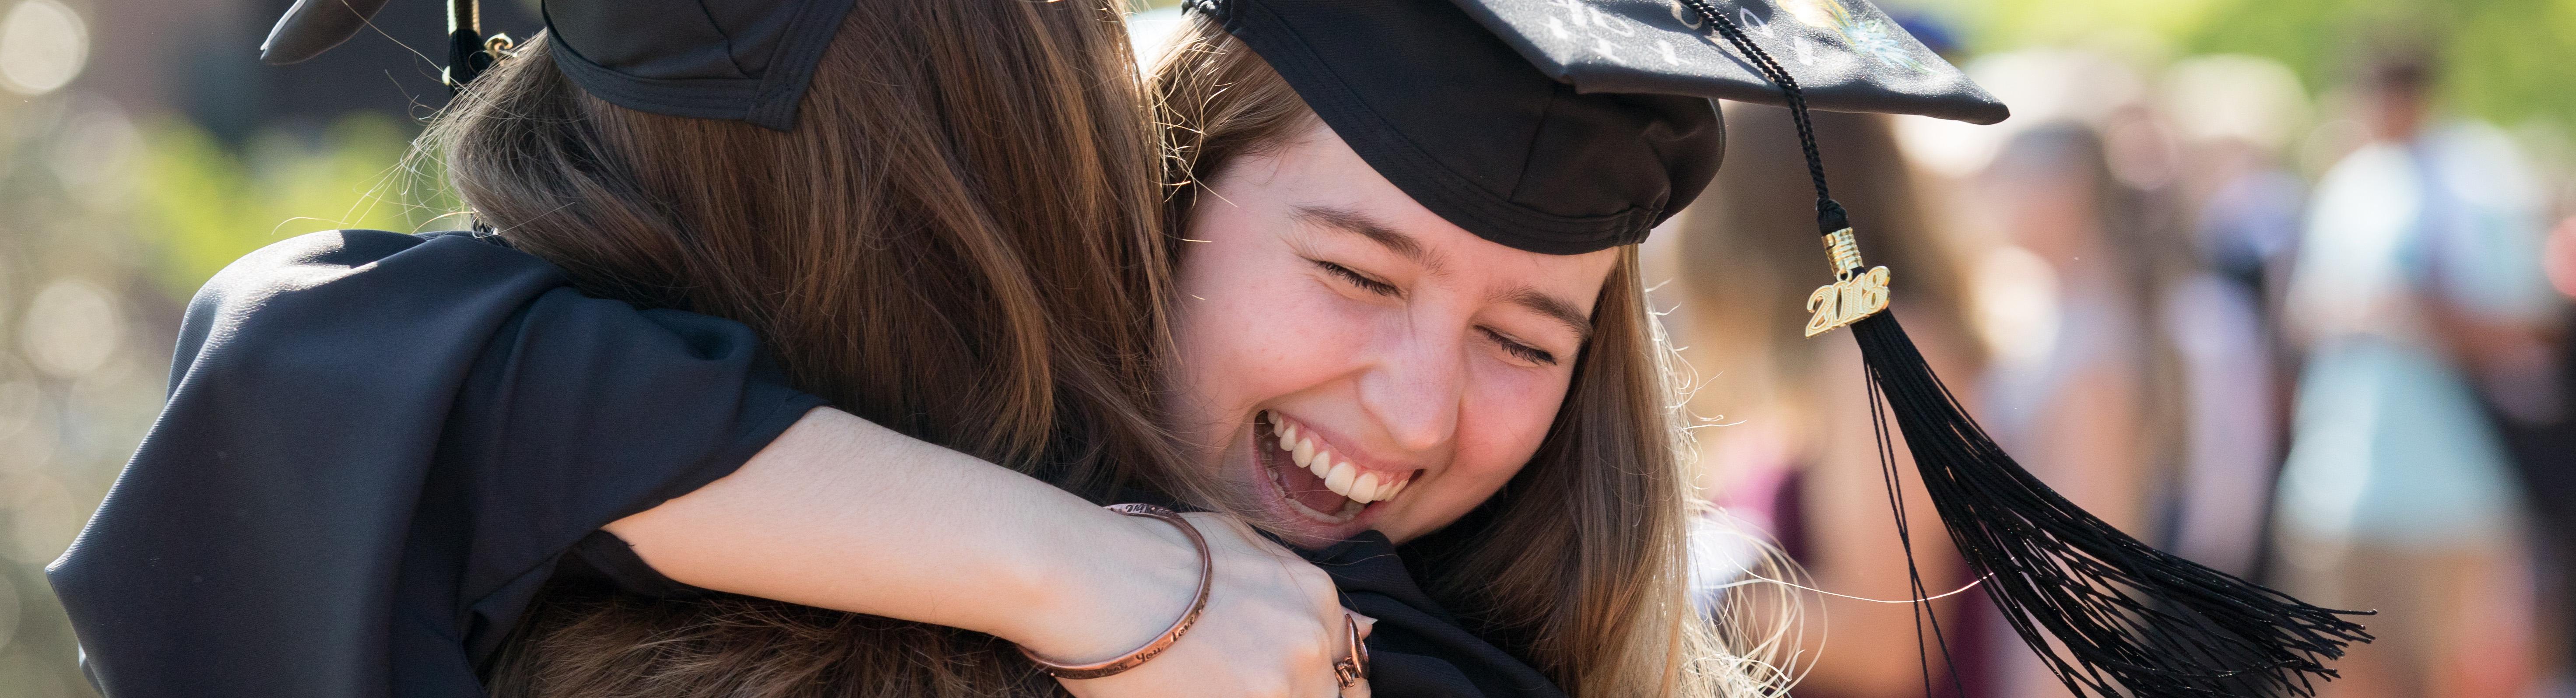 Students hugging at graduation.